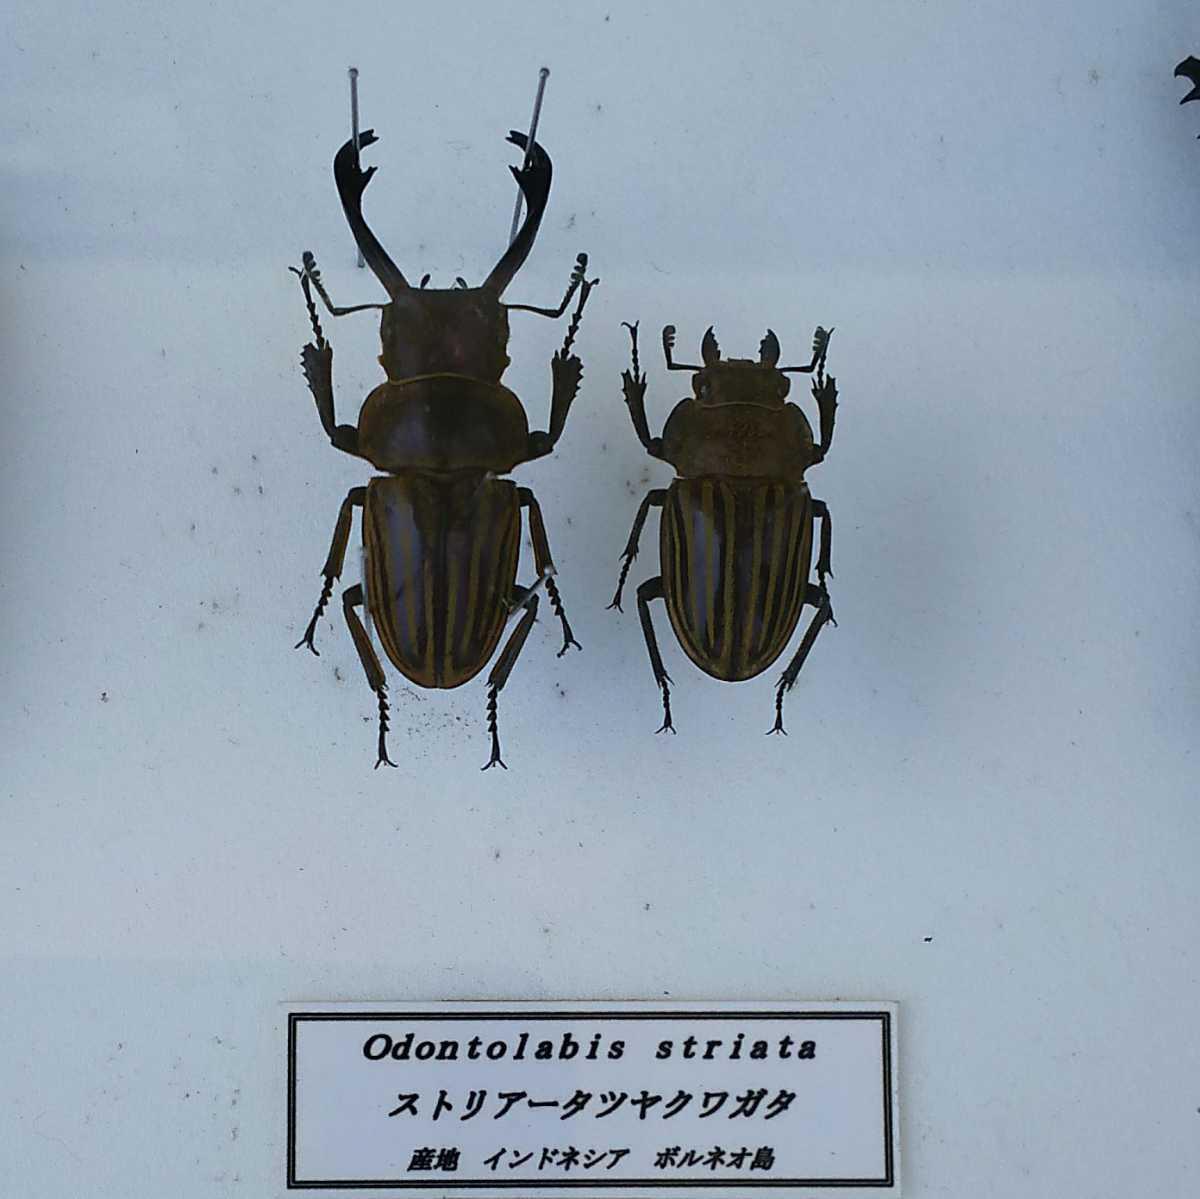 値段交渉OK 昆虫標本 クワガタ No3 28頭 ドイツ箱_画像5